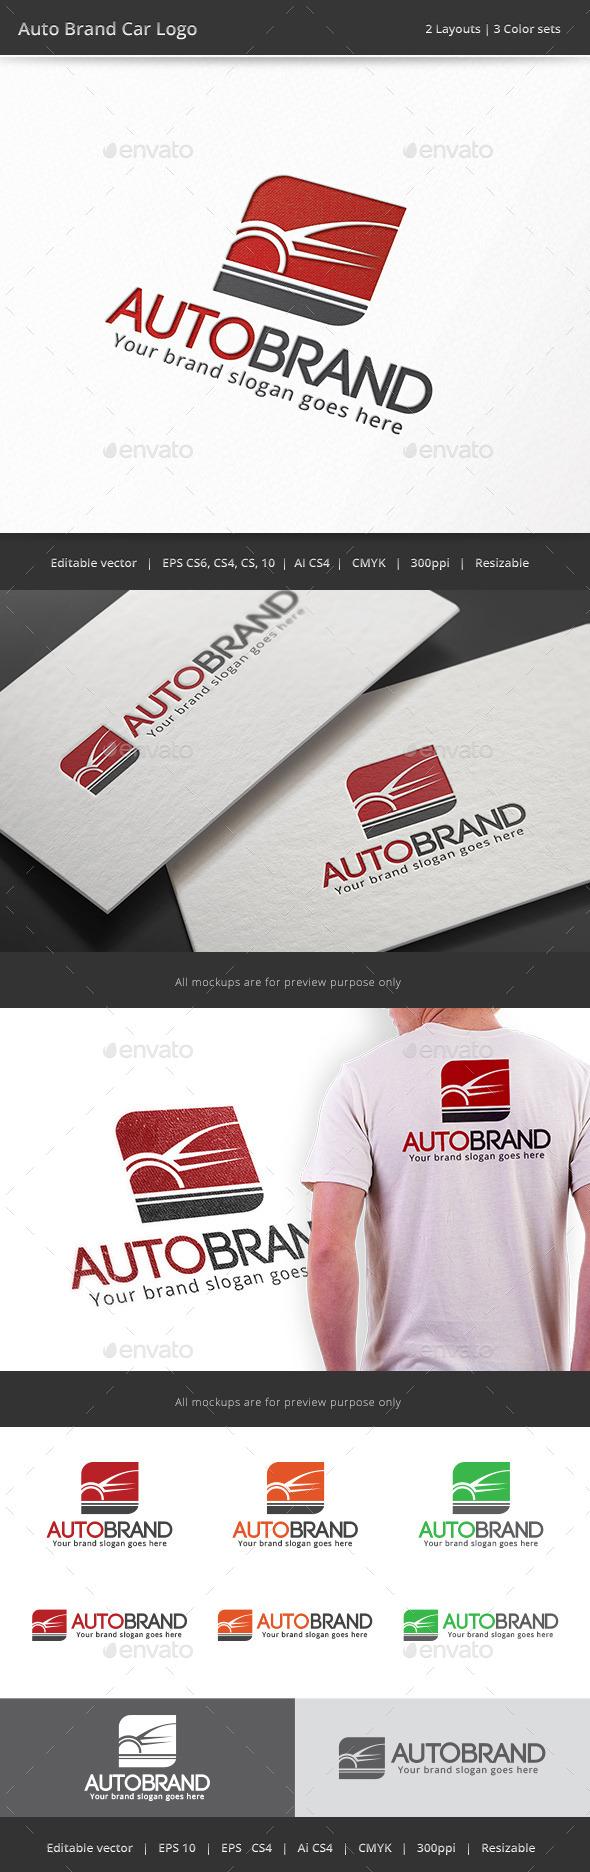 Auto Brand Car Logo